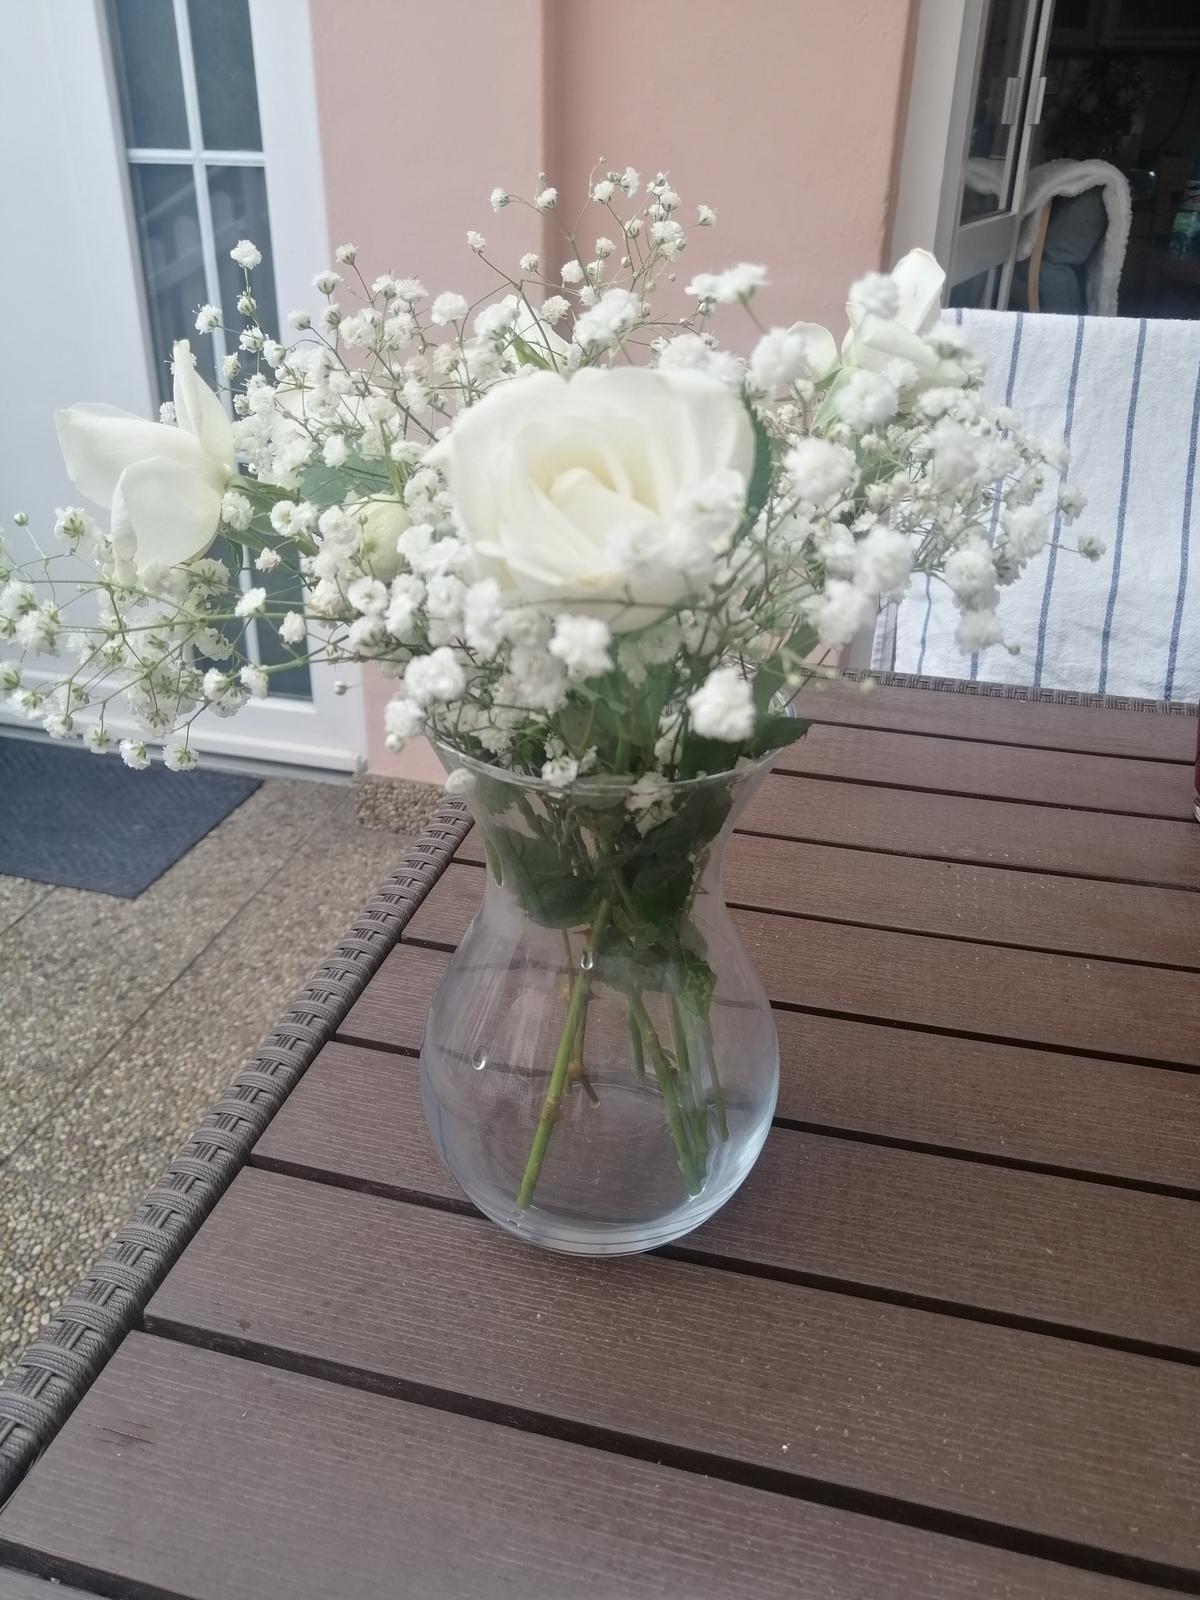 Vázy - Obrázok č. 2